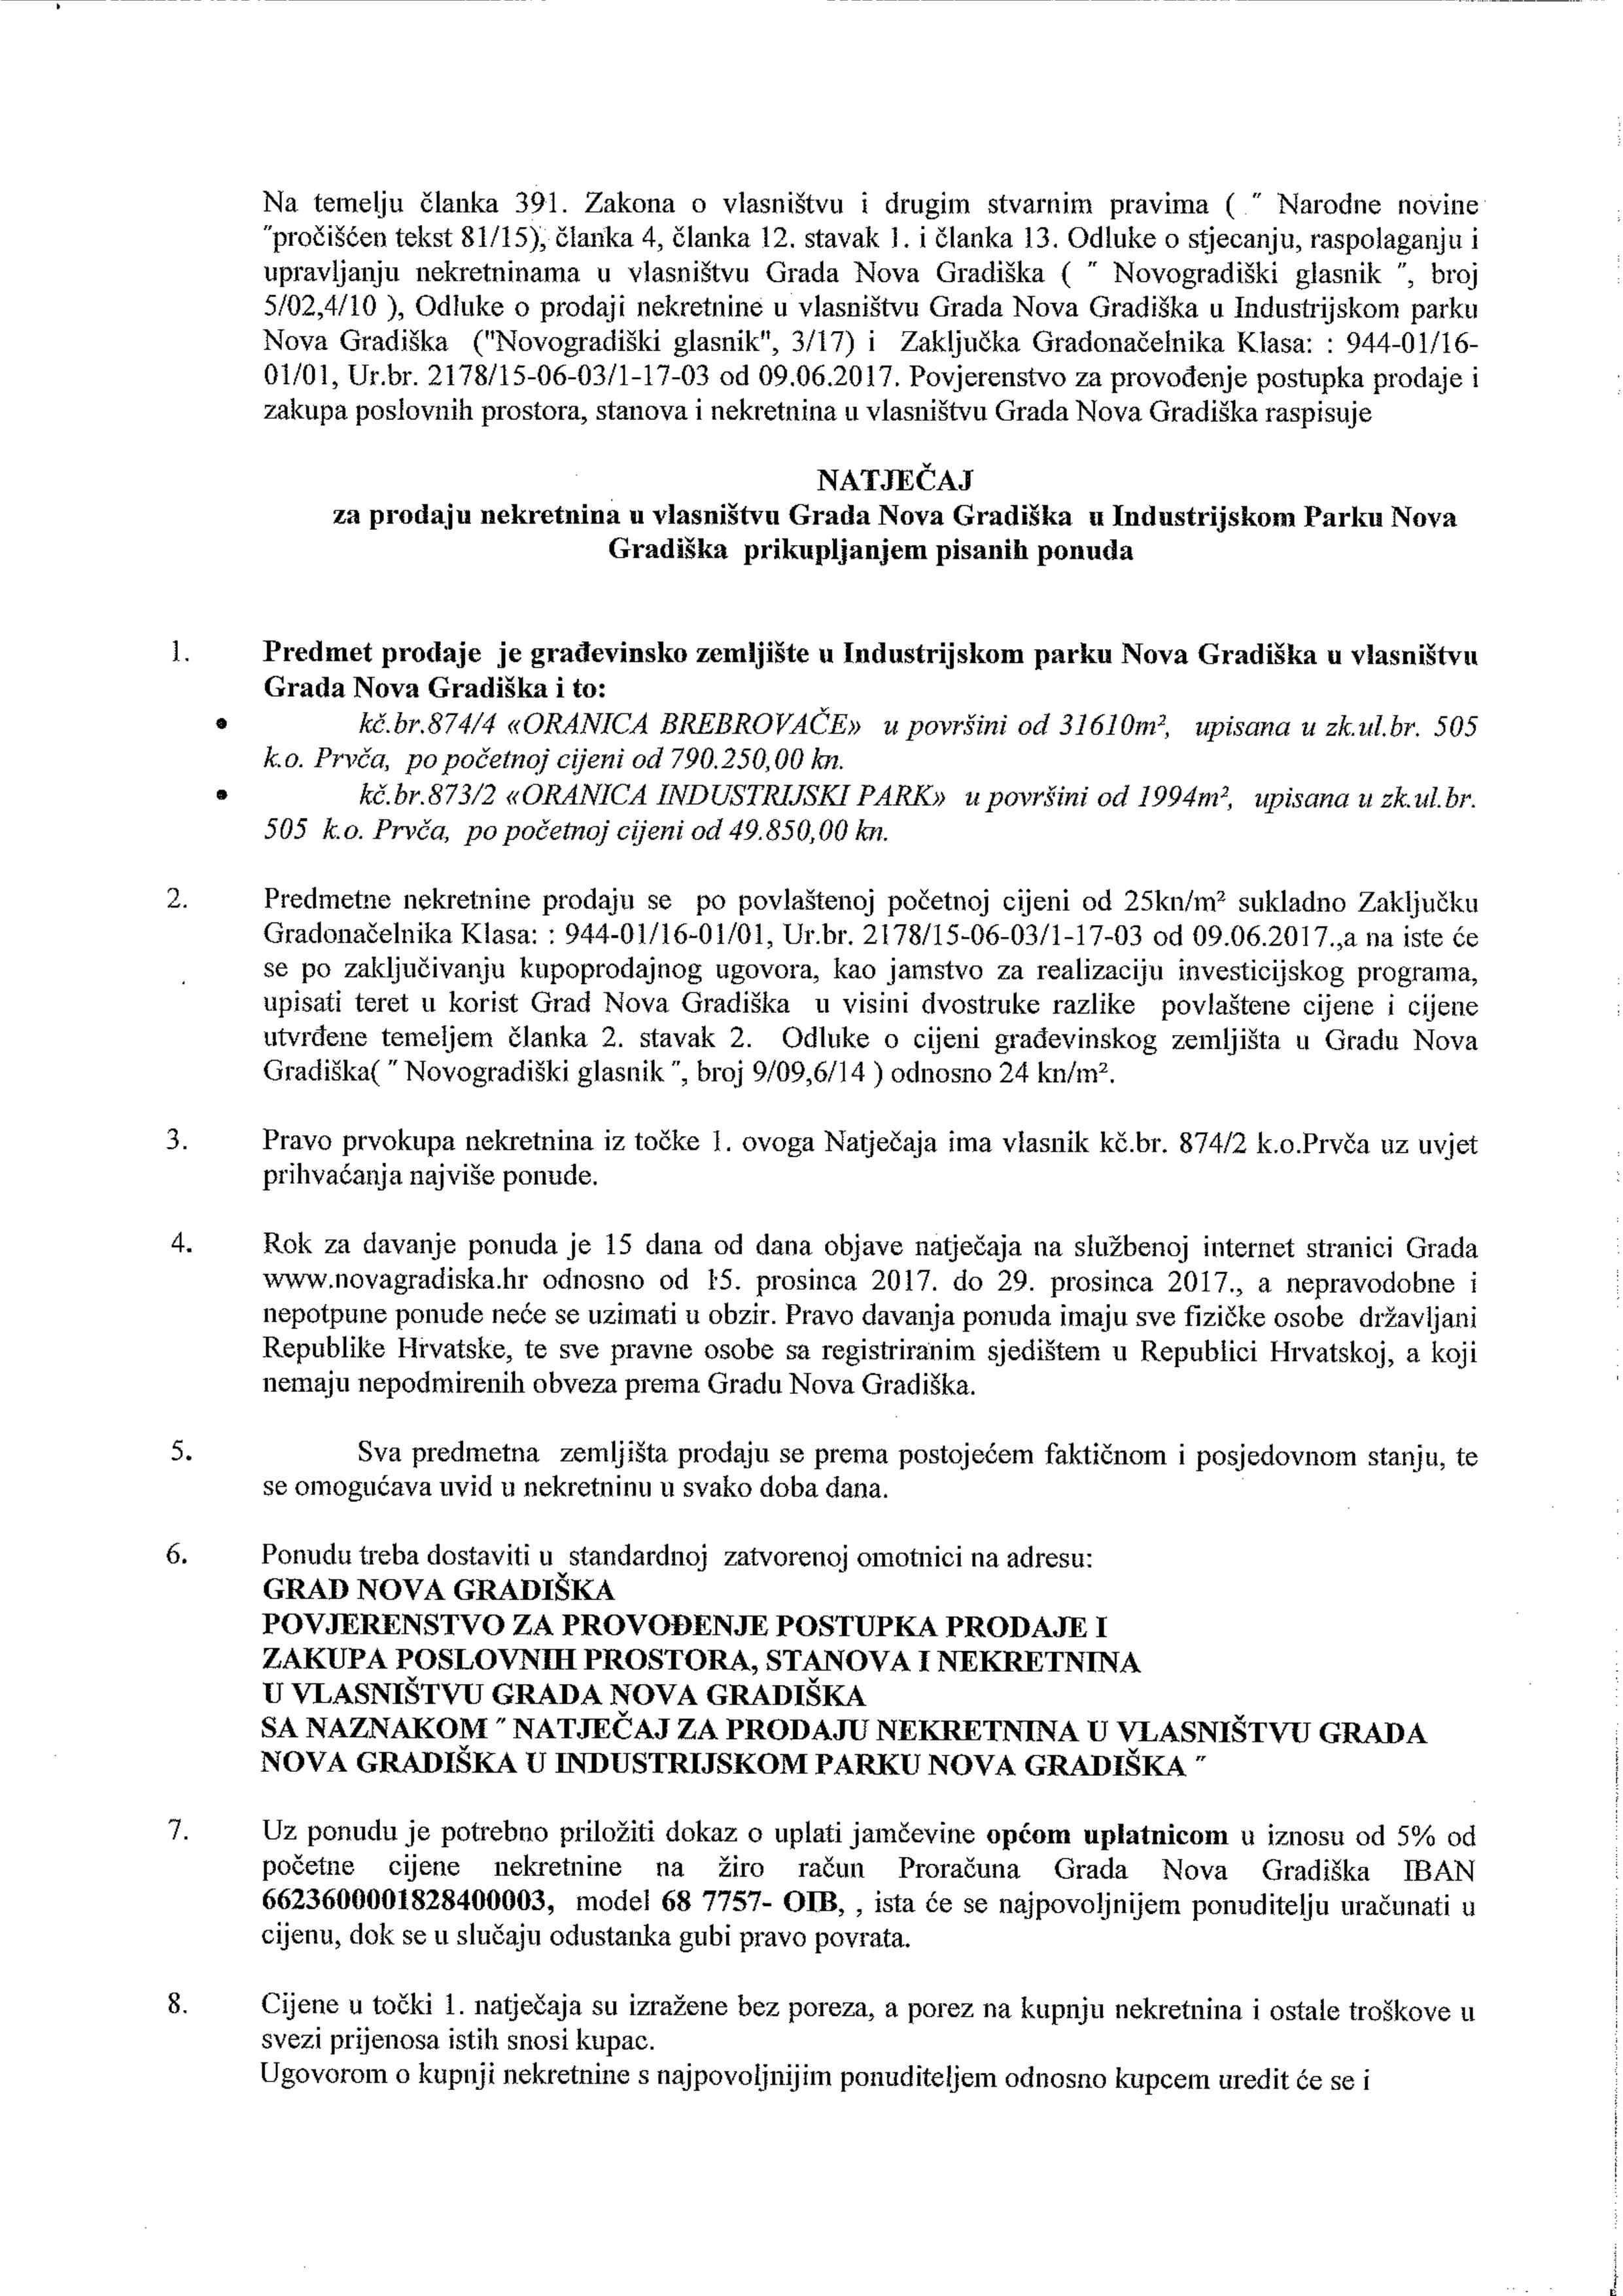 LokalnaHrvatska.hr Nova Gradiška Natjecaj za prodaju nekretnina u vlasnistvu Grada Nova Gradiska